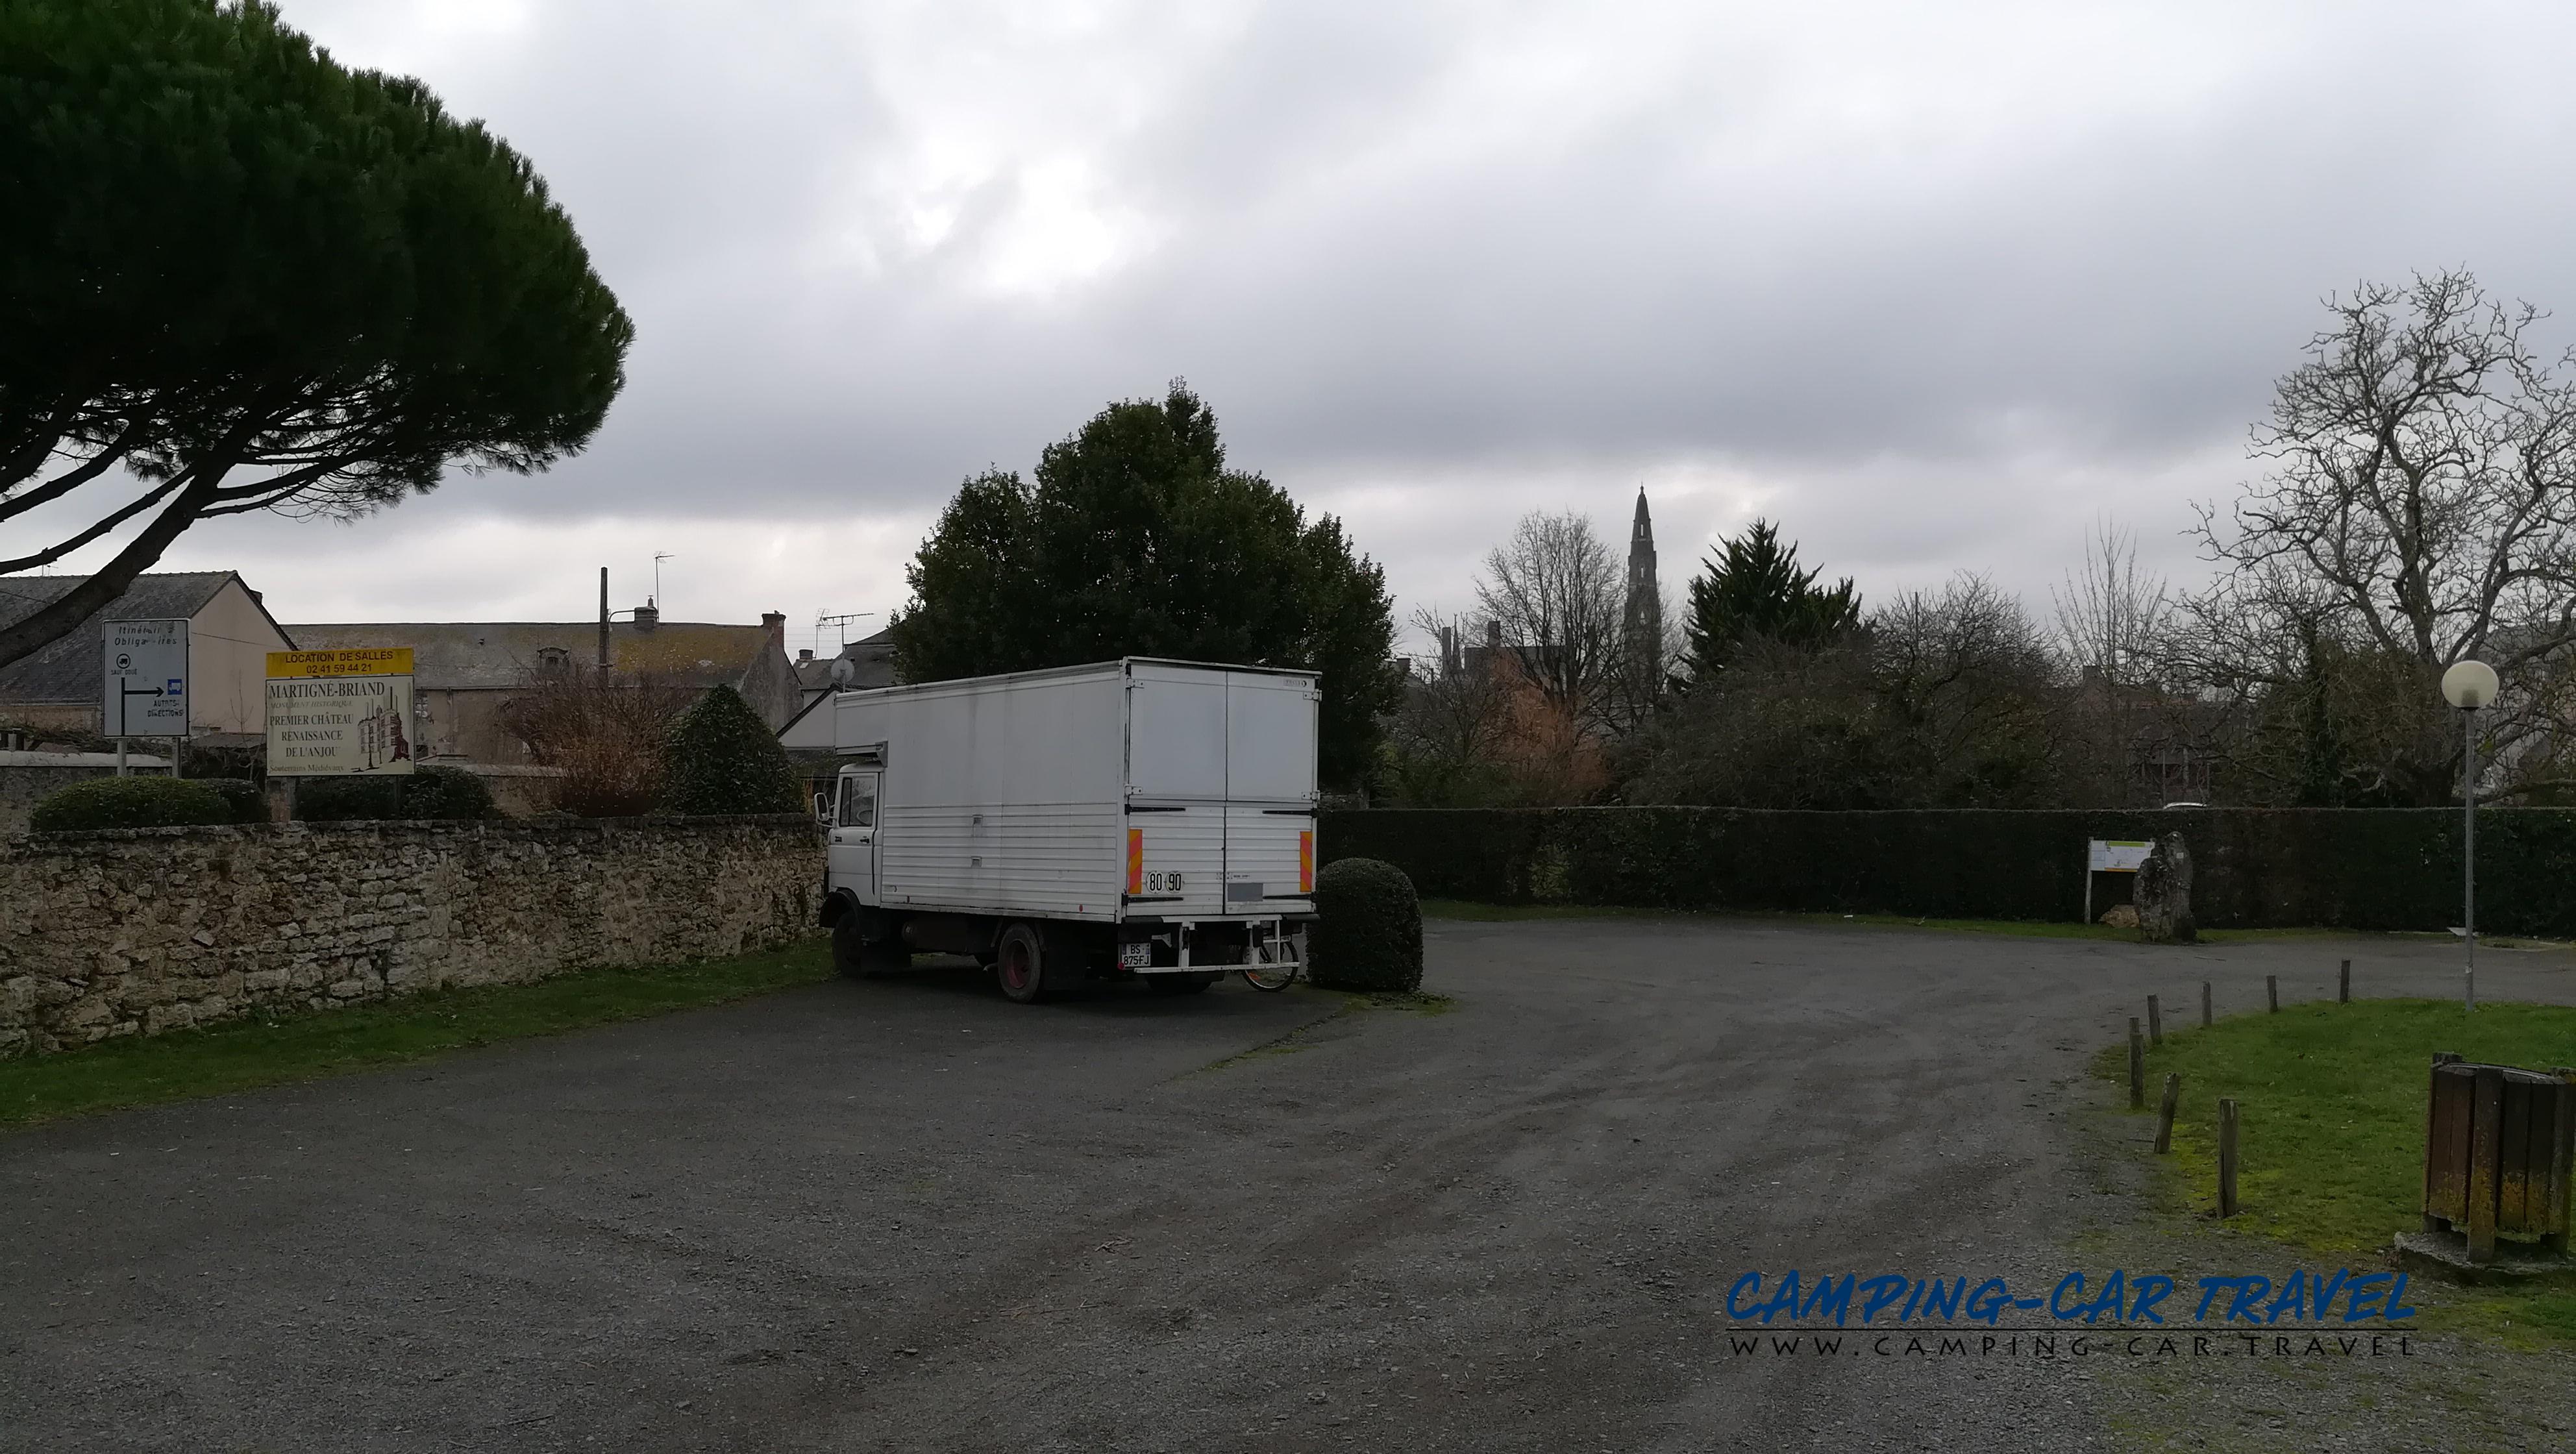 aire services camping car Martigné-Briand Maine-et-Loire Pays-de-la-Loire